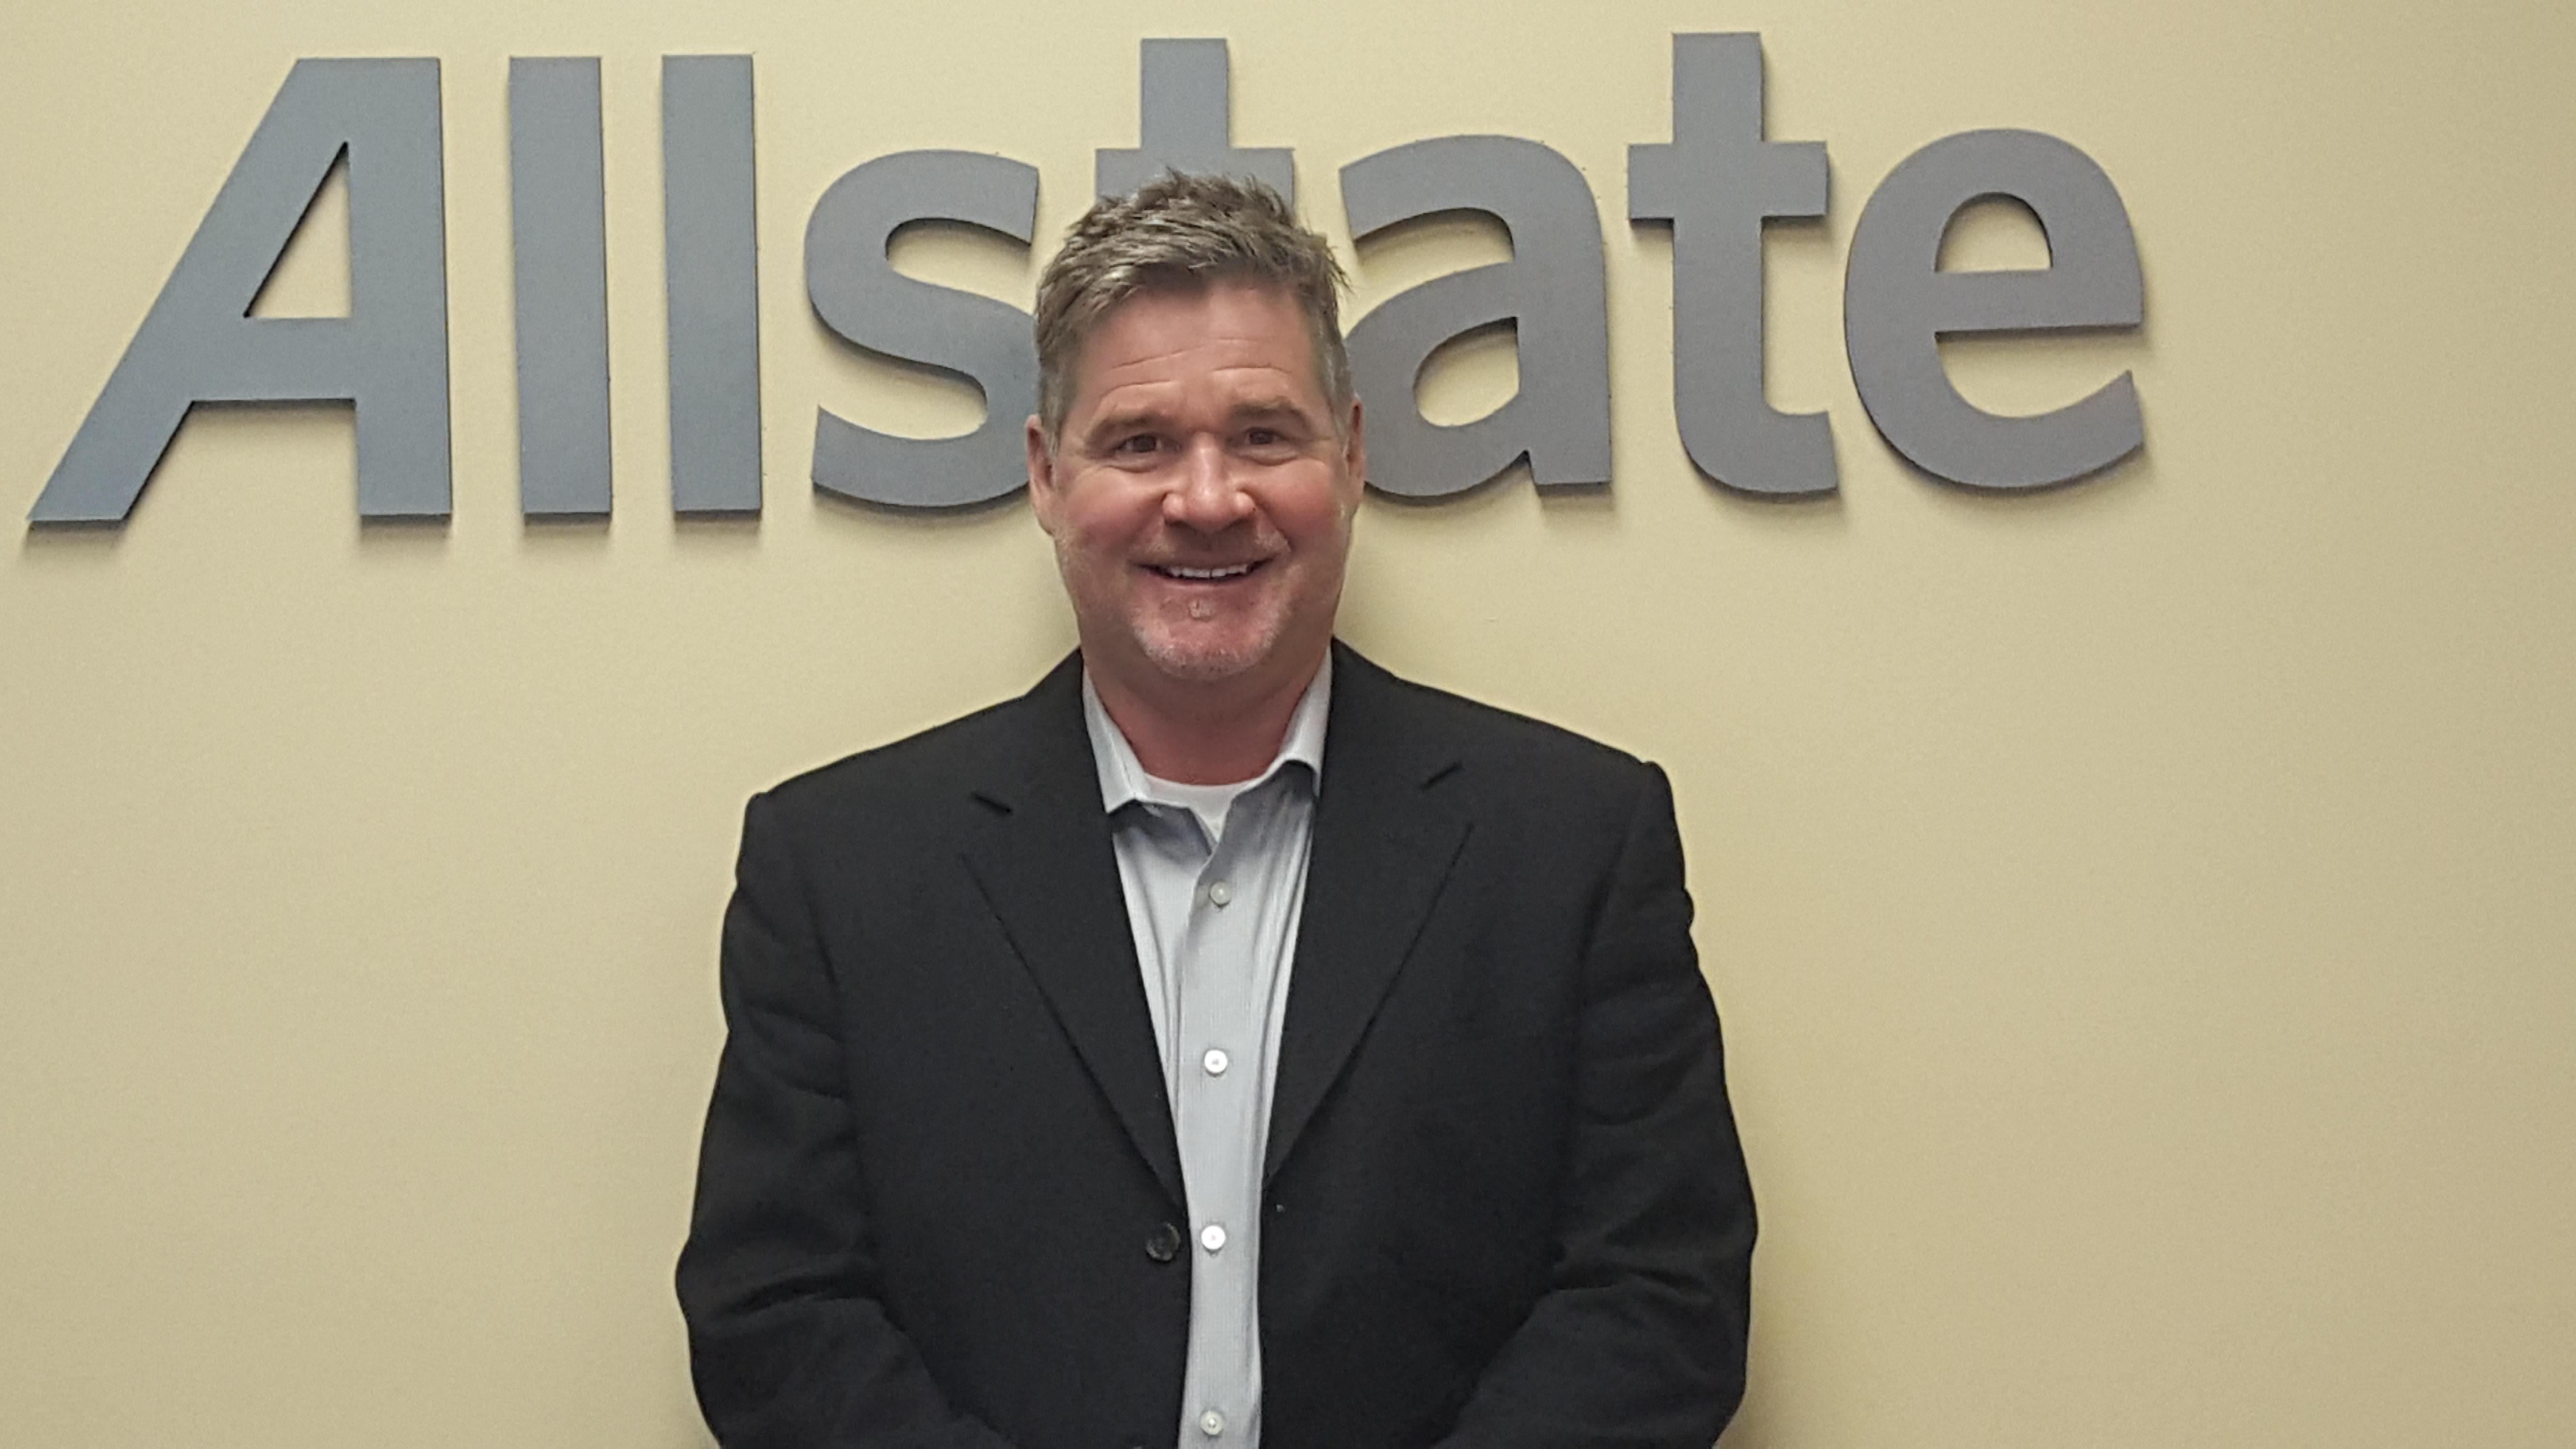 Allstate Car Insurance In Ashland Va Trip Tribble